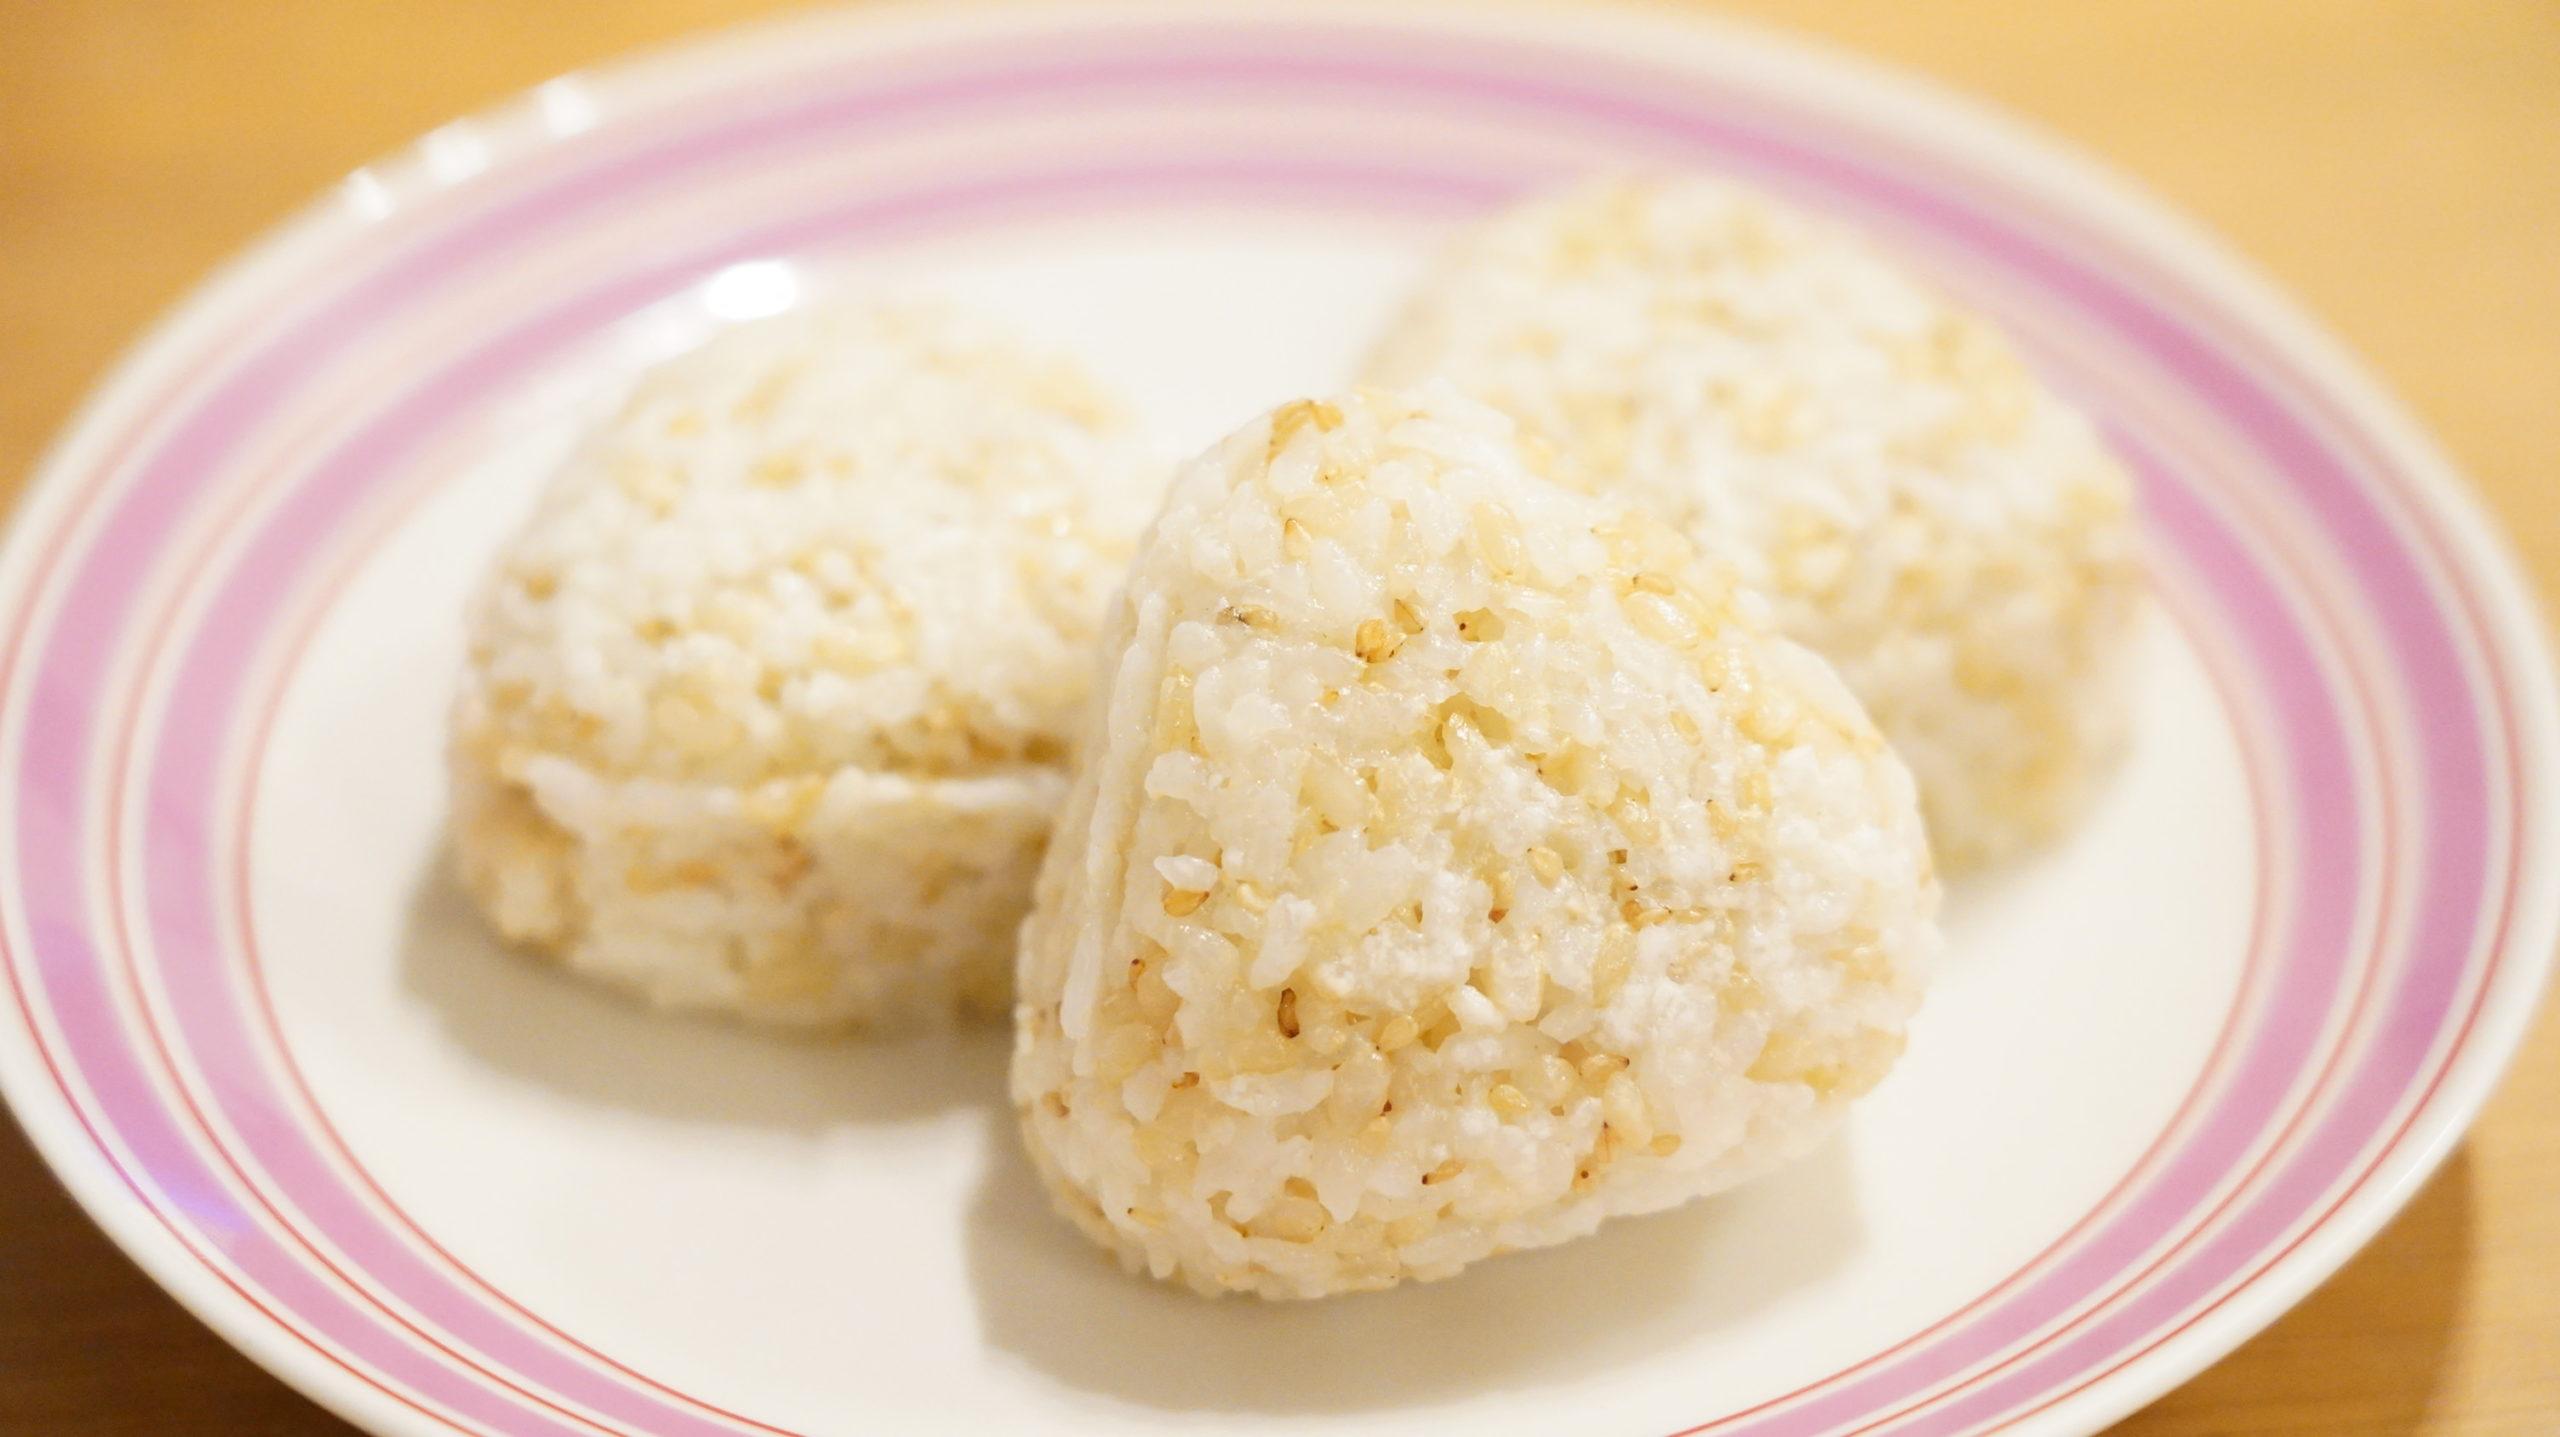 無印良品のおすすめ冷凍食品「発芽玄米ご飯の塩おにぎり」の写真